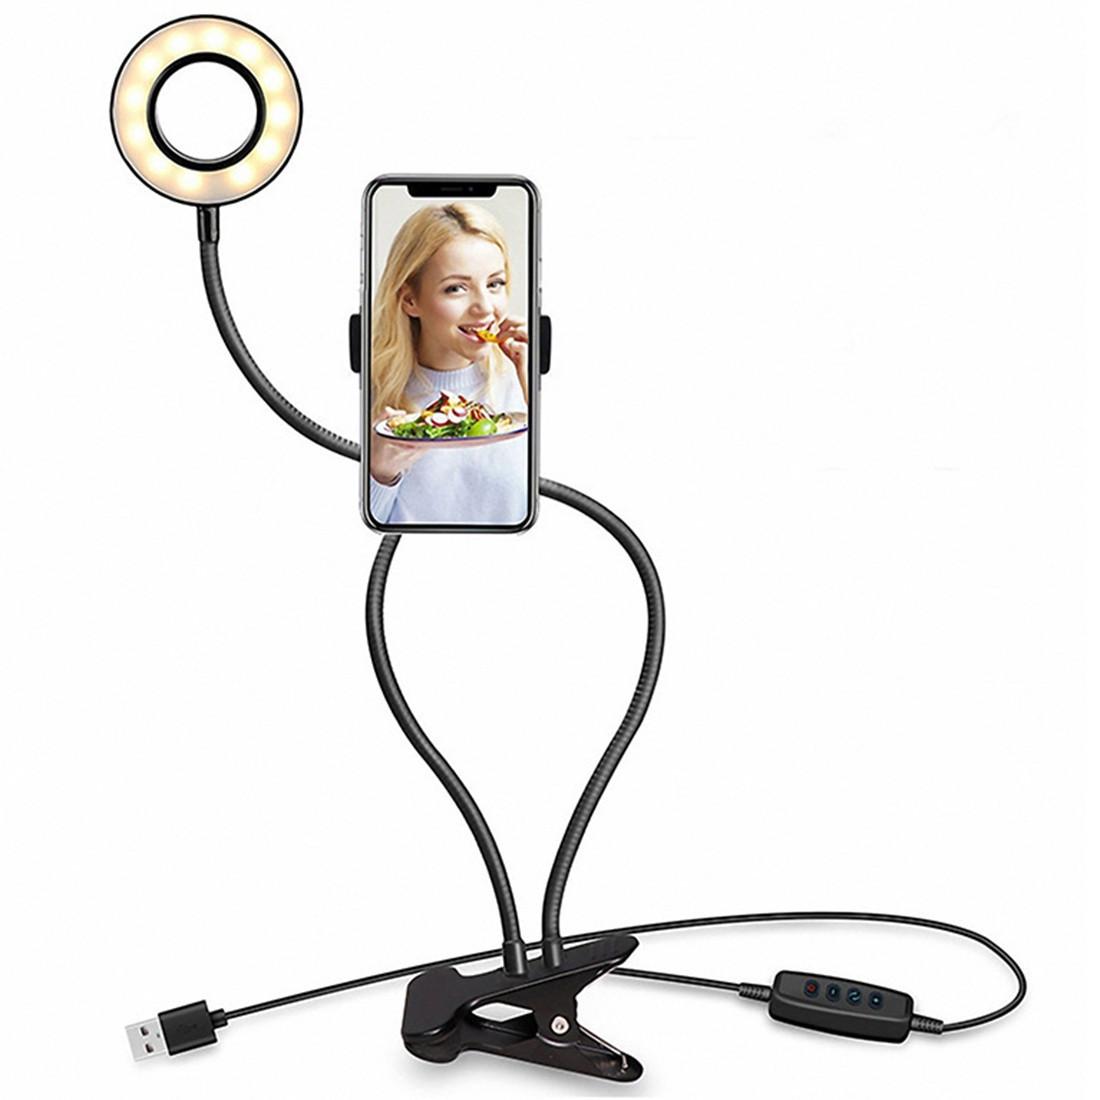 Led Mode10 De Maquillage Anneau Support Usb Light Avec Paresseux Téléphone Selfie Lumière Clip Niveau Portable Stand3 Luminosité N08mnwv